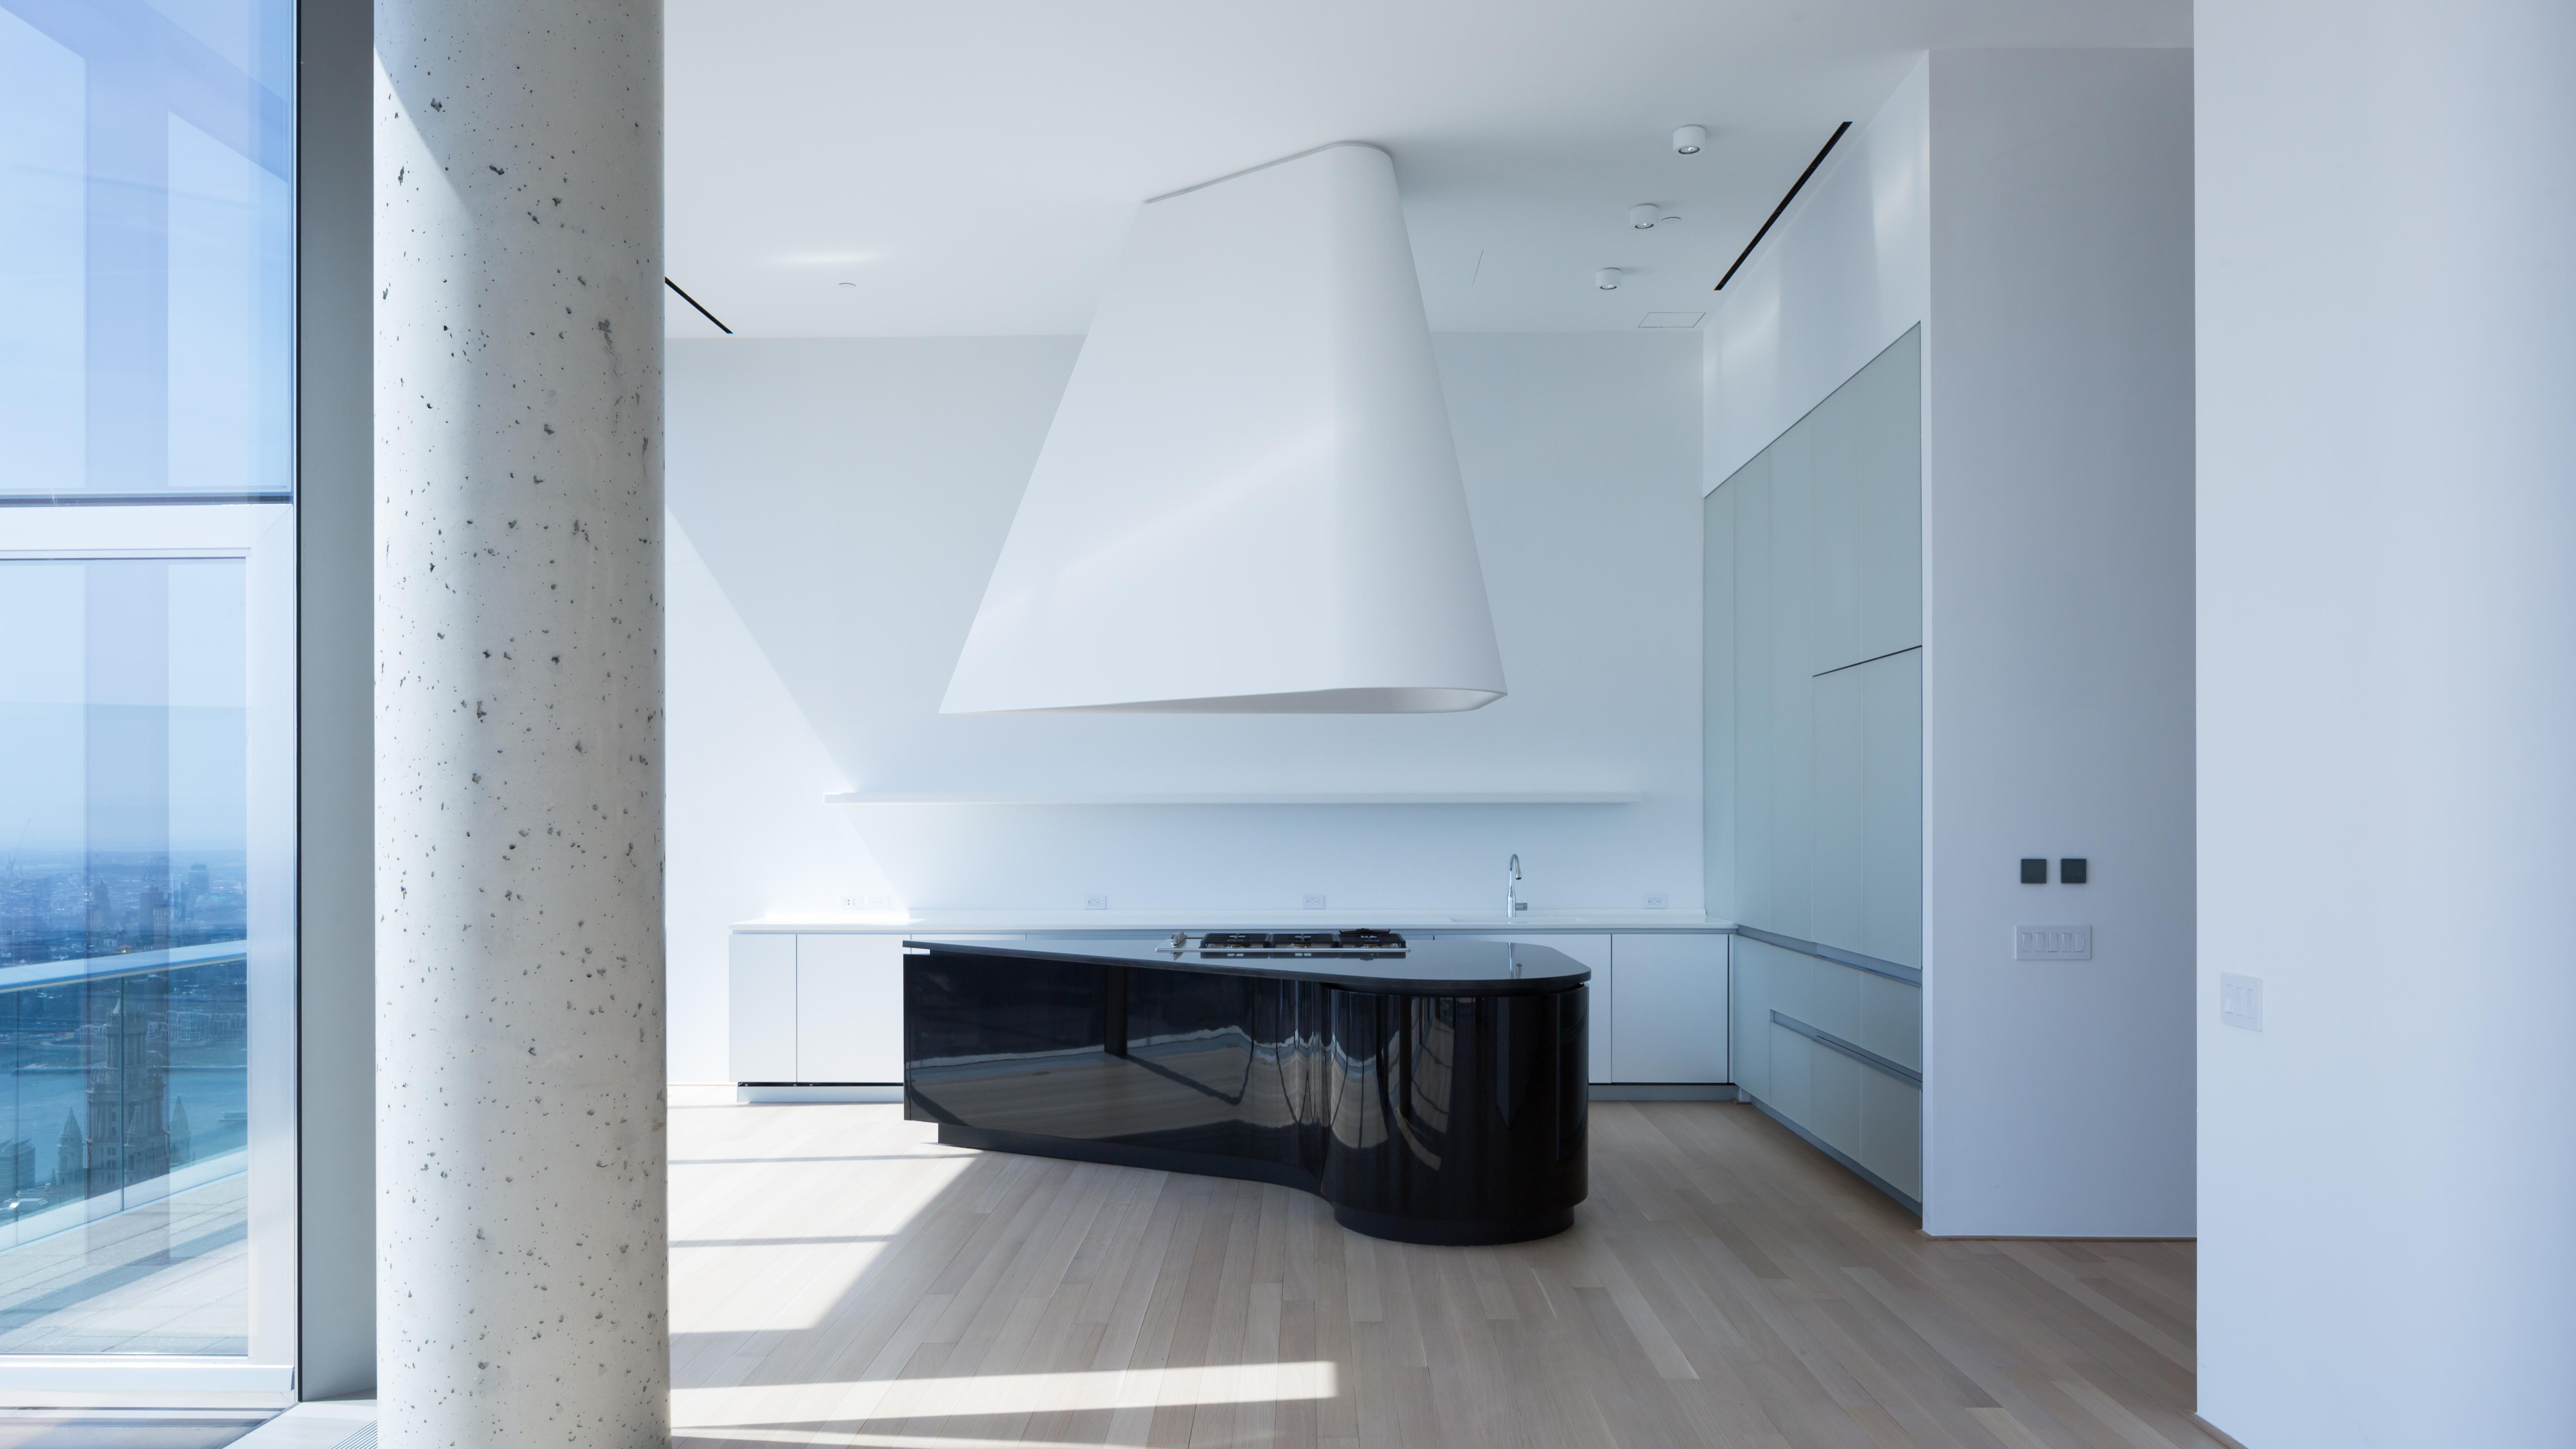 YIMBY Visits 56 Leonard\'s Penthouse in Tribeca - New York YIMBY